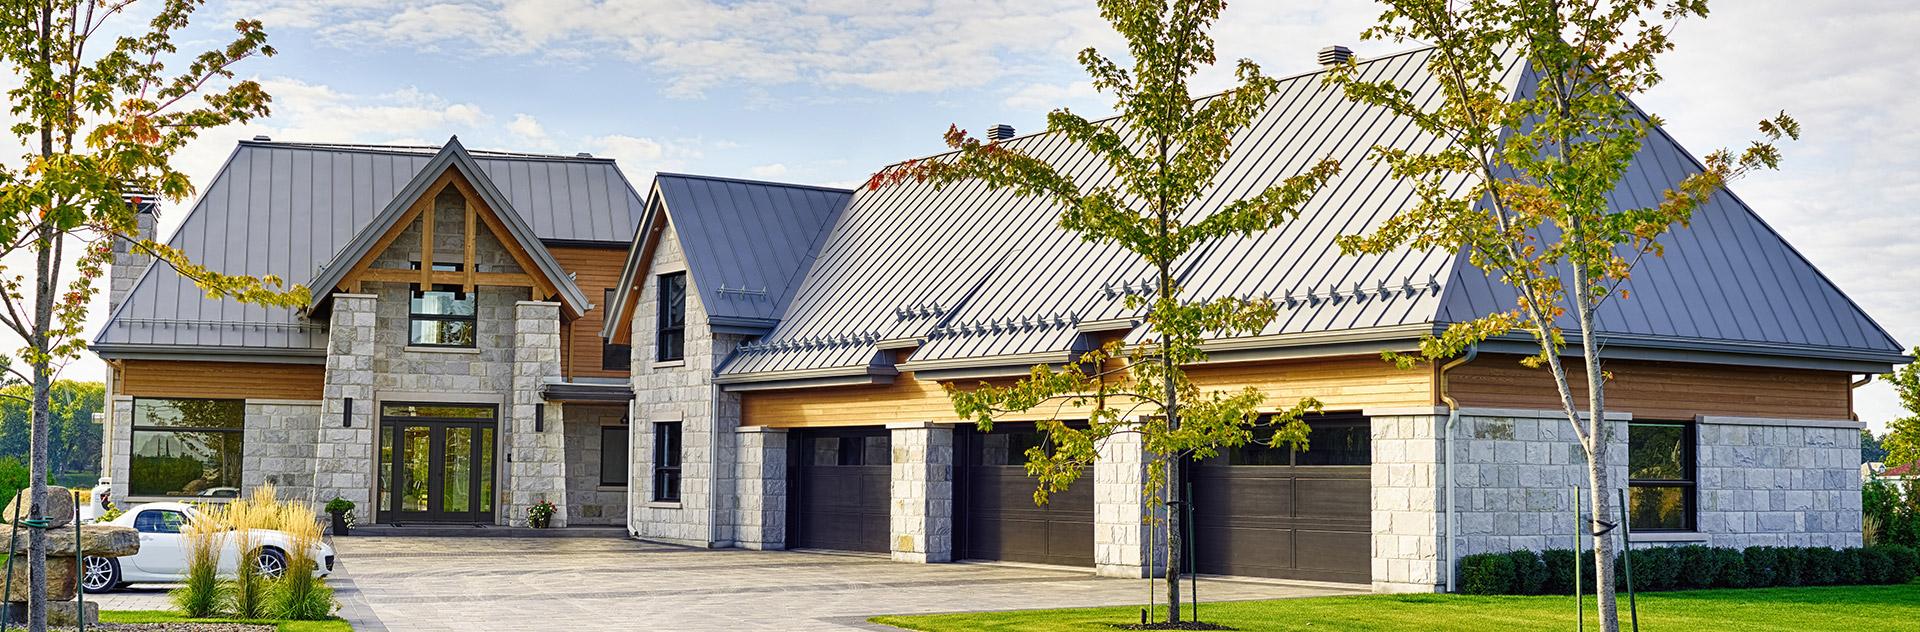 Populaire Portes Bourassa | Fabricant de portes d'entrée & de garage YU56